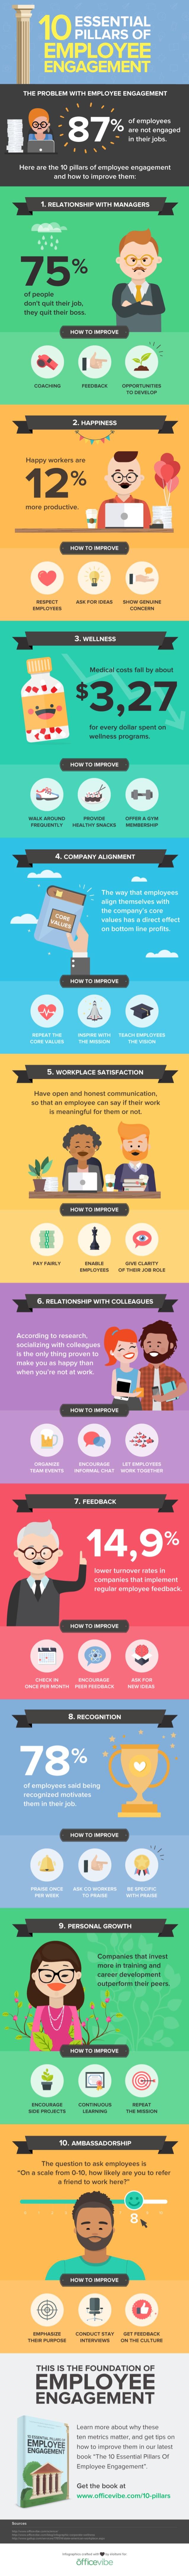 10 pilares para conseguir el compromiso de tus trabajadores